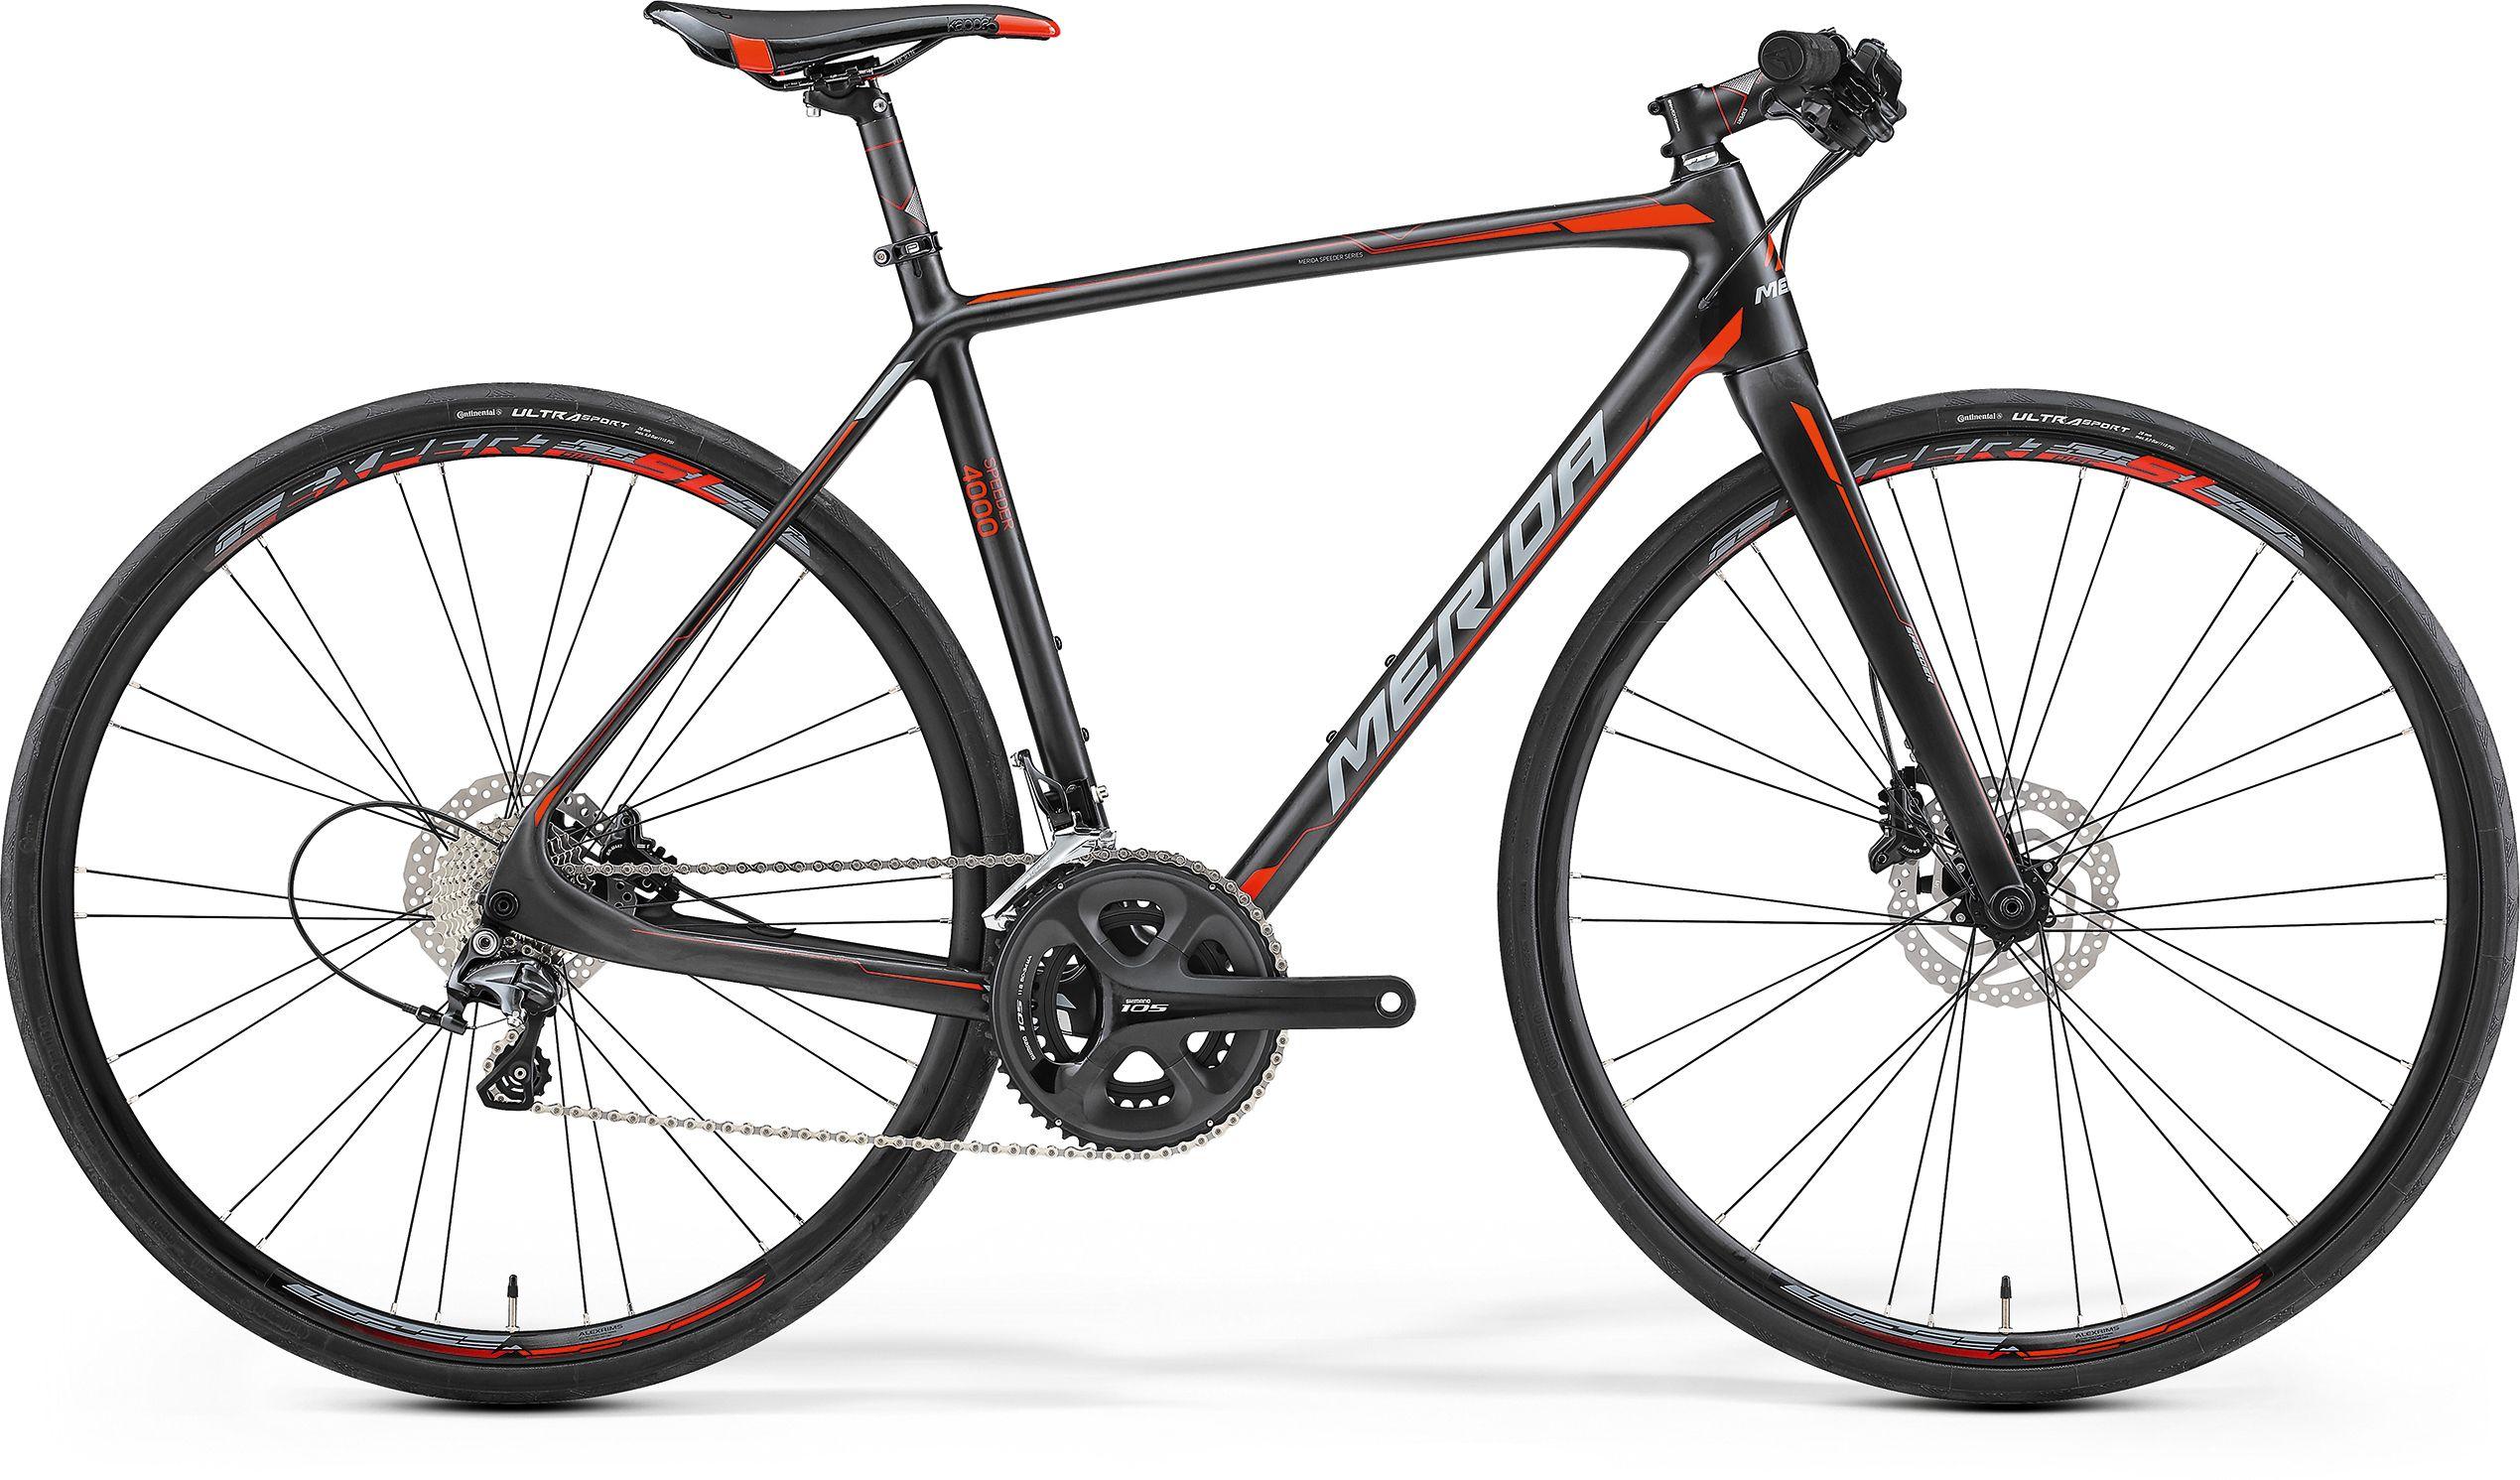 Велосипед Merida Speeder 4000 2017 купить шоссейный велосипед б у в минске